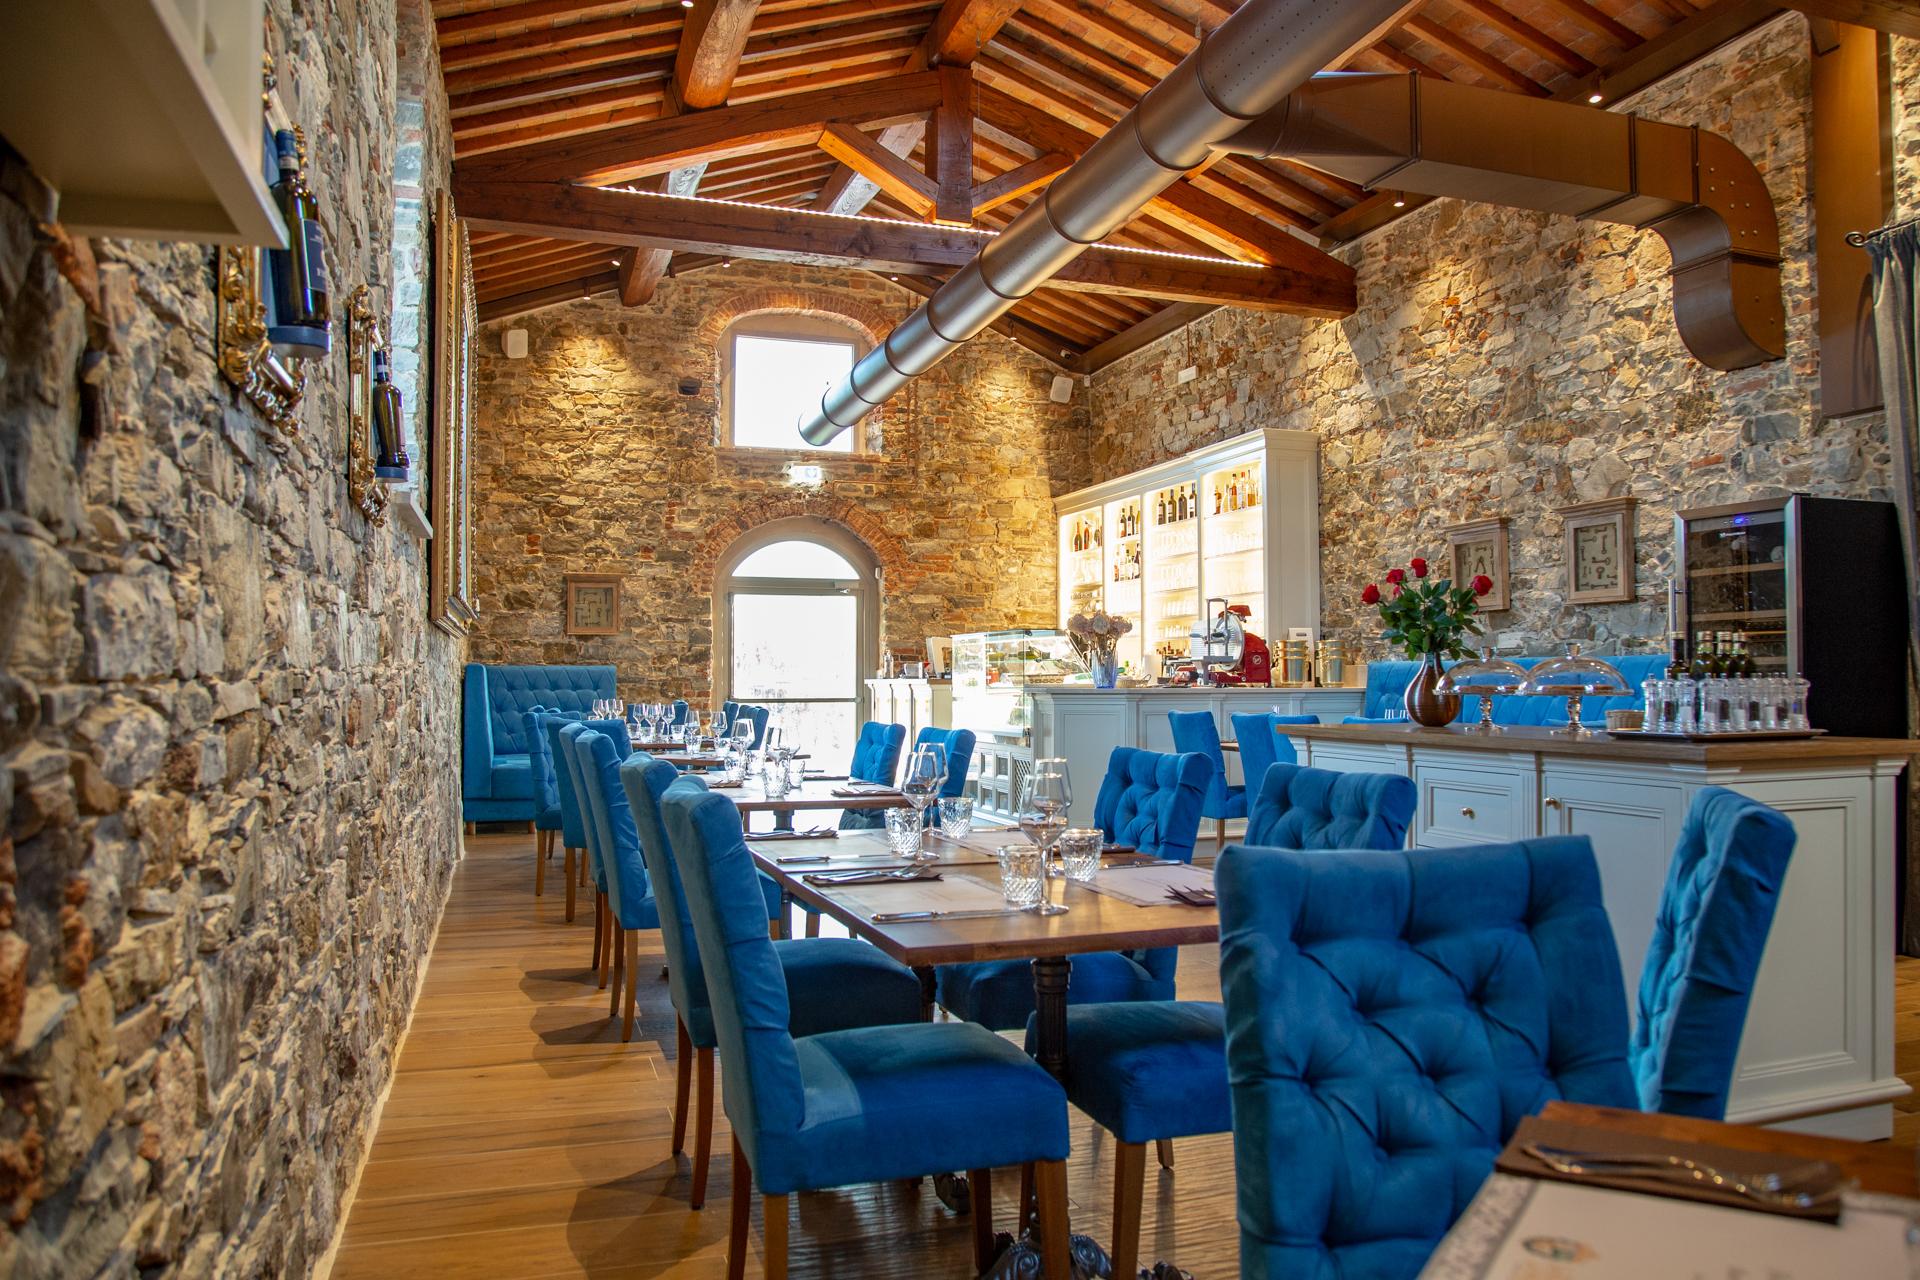 Punto di ristoro La Fornace de' Medici, Mugello. L'ampia sala del locale vi stupirà grazie al profumo della pietra antica. Fiori, pietra, velluto e materie prime per ogni palato. Vi aspettiamo a La Fornace de' Medici.